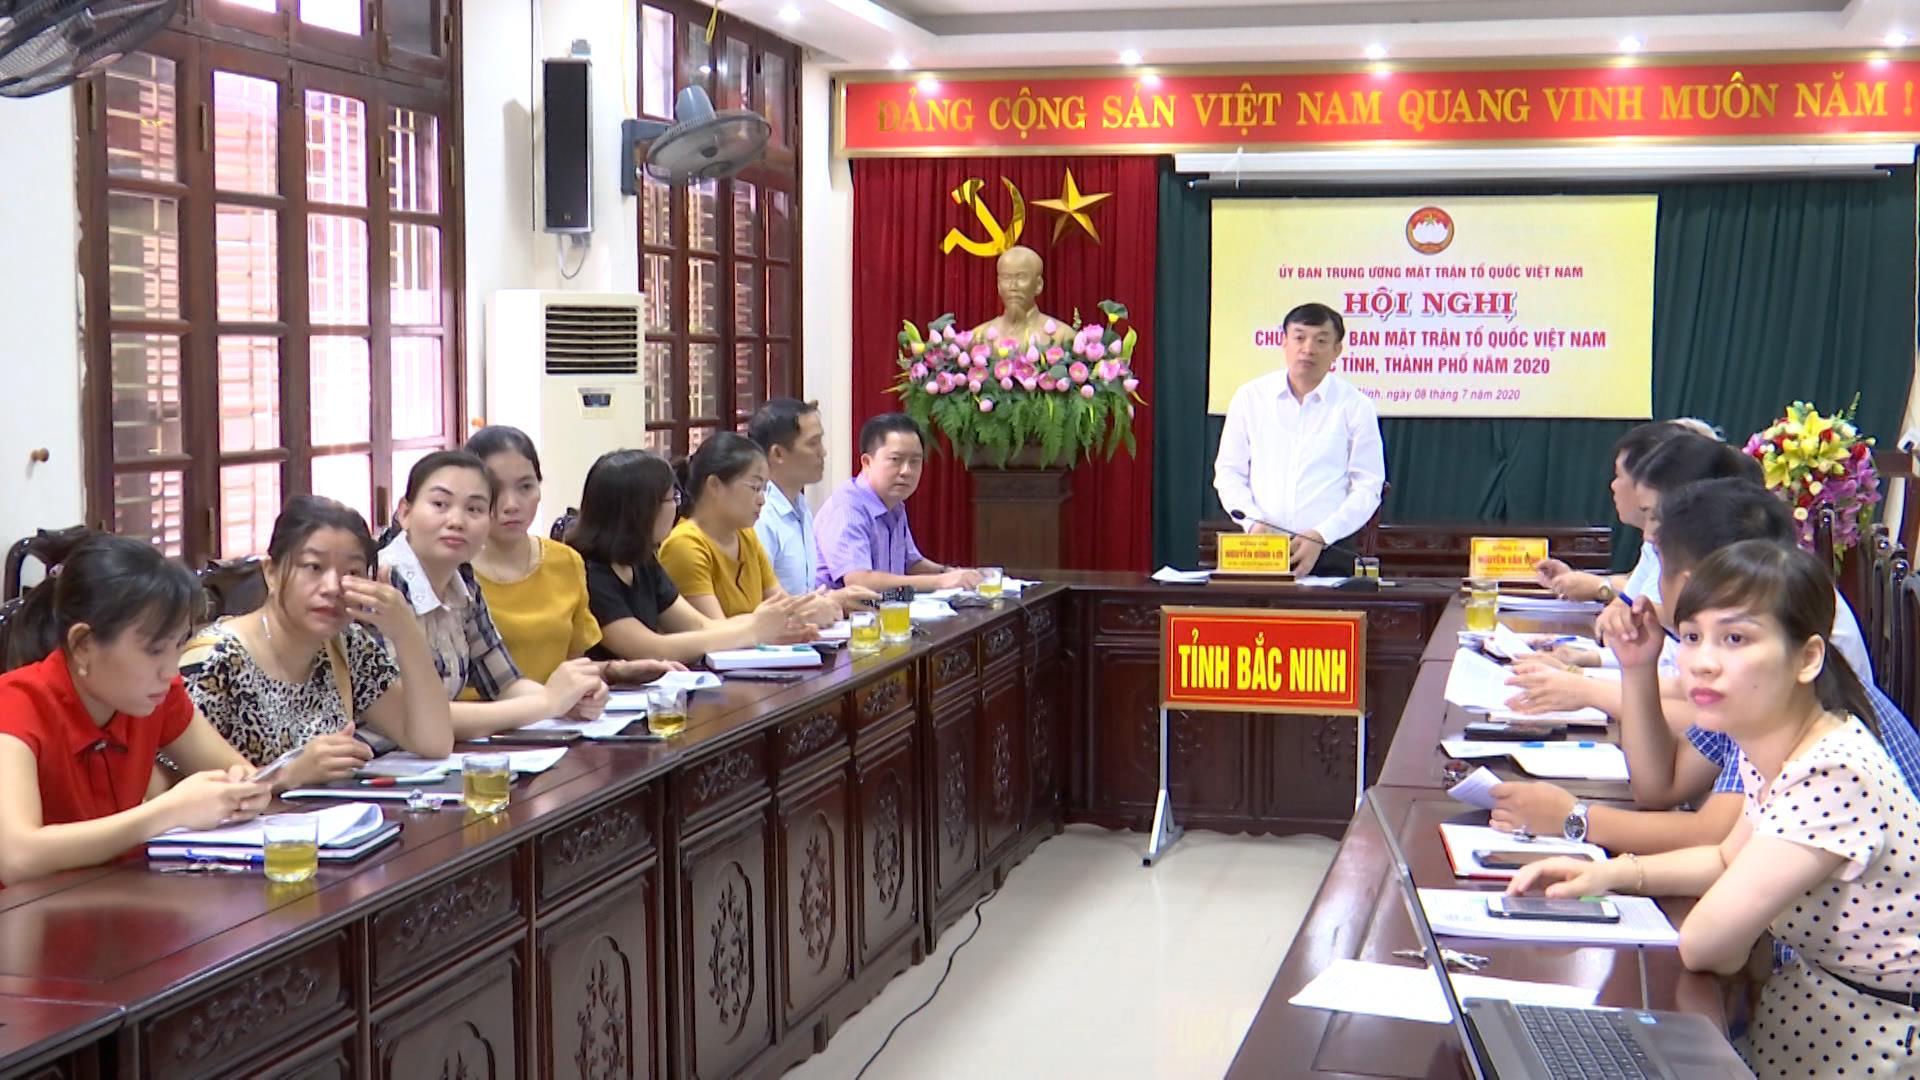 Hội nghị Chủ tịch Ủy ban MTTQ các tỉnh, thành phố 2020